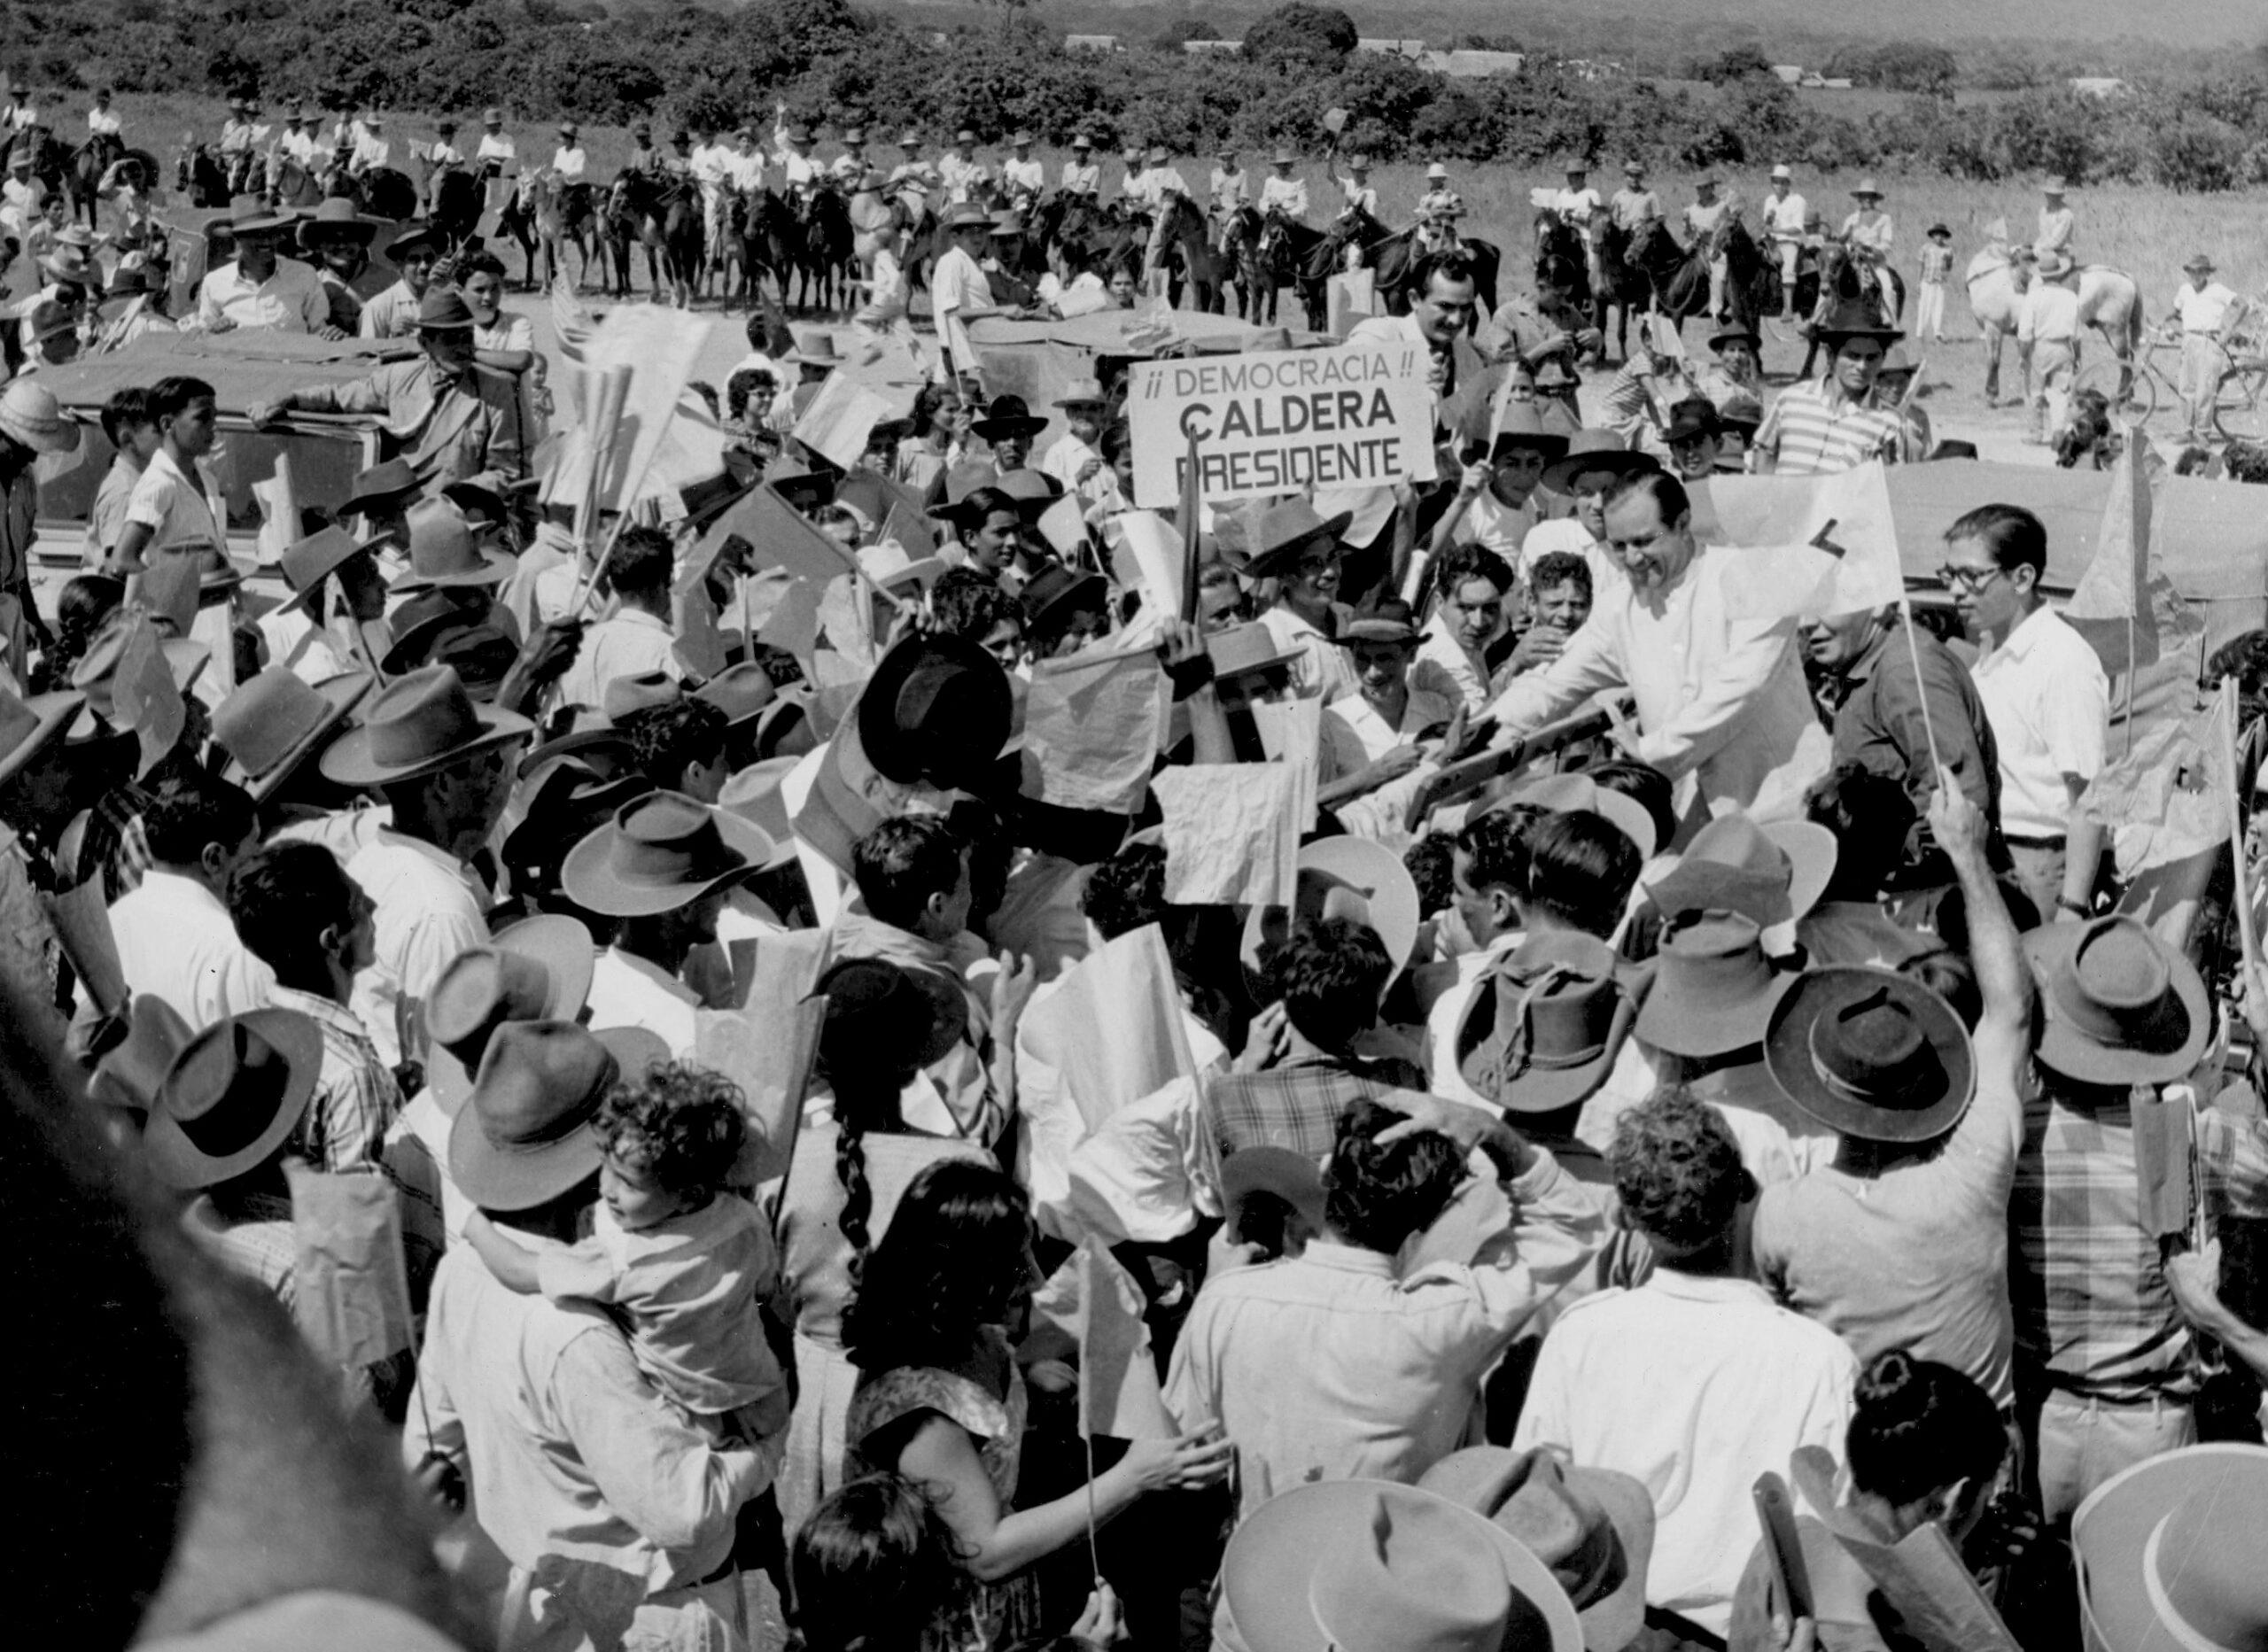 1958. Septiembre, 18. Nuestro concepto de la Democracia